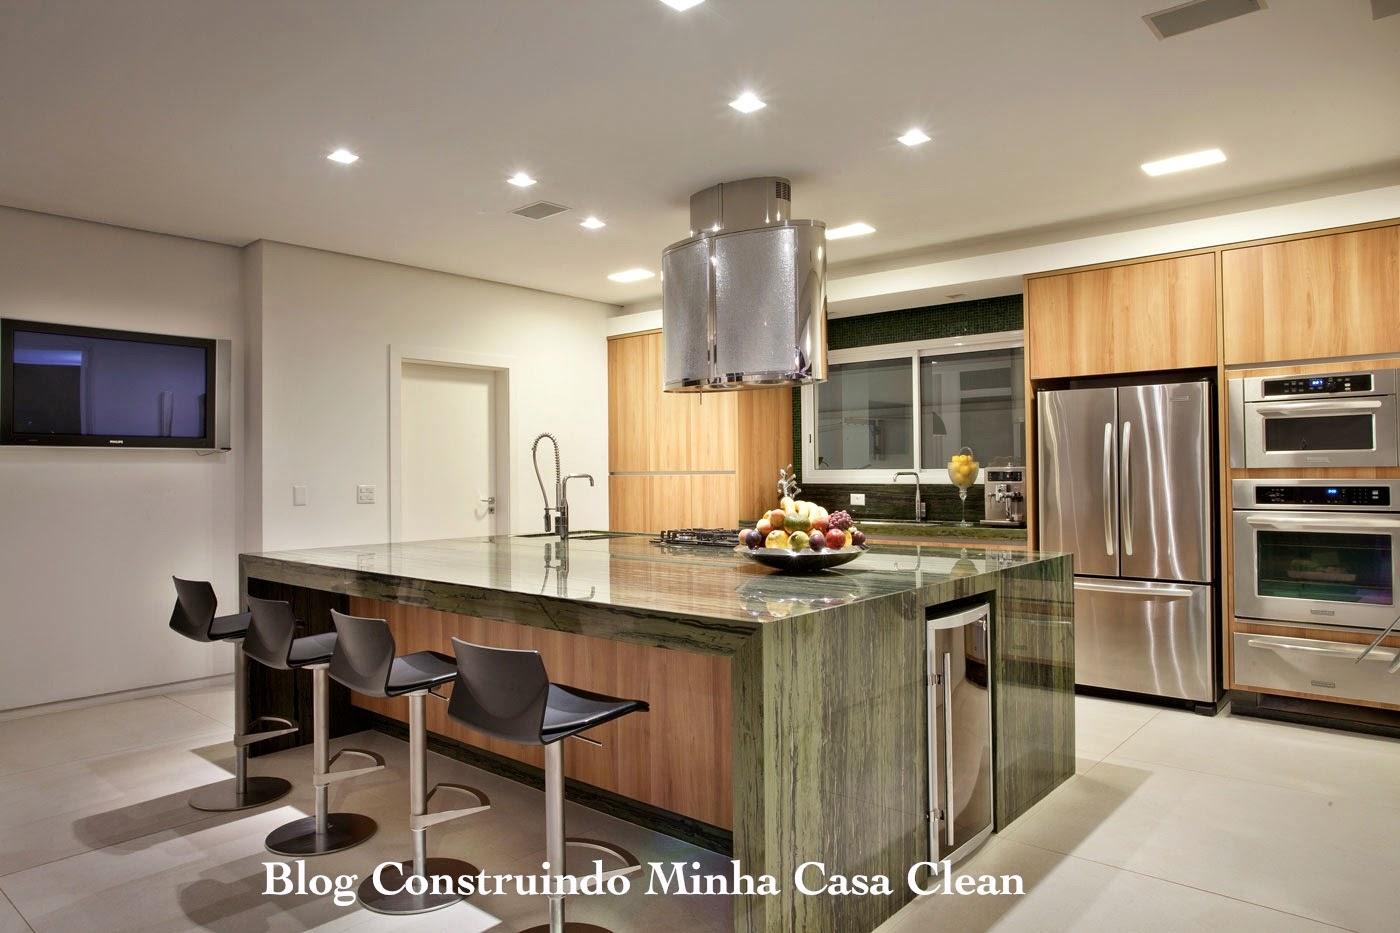 Cozinhas Clean E Modernas Resimden Com